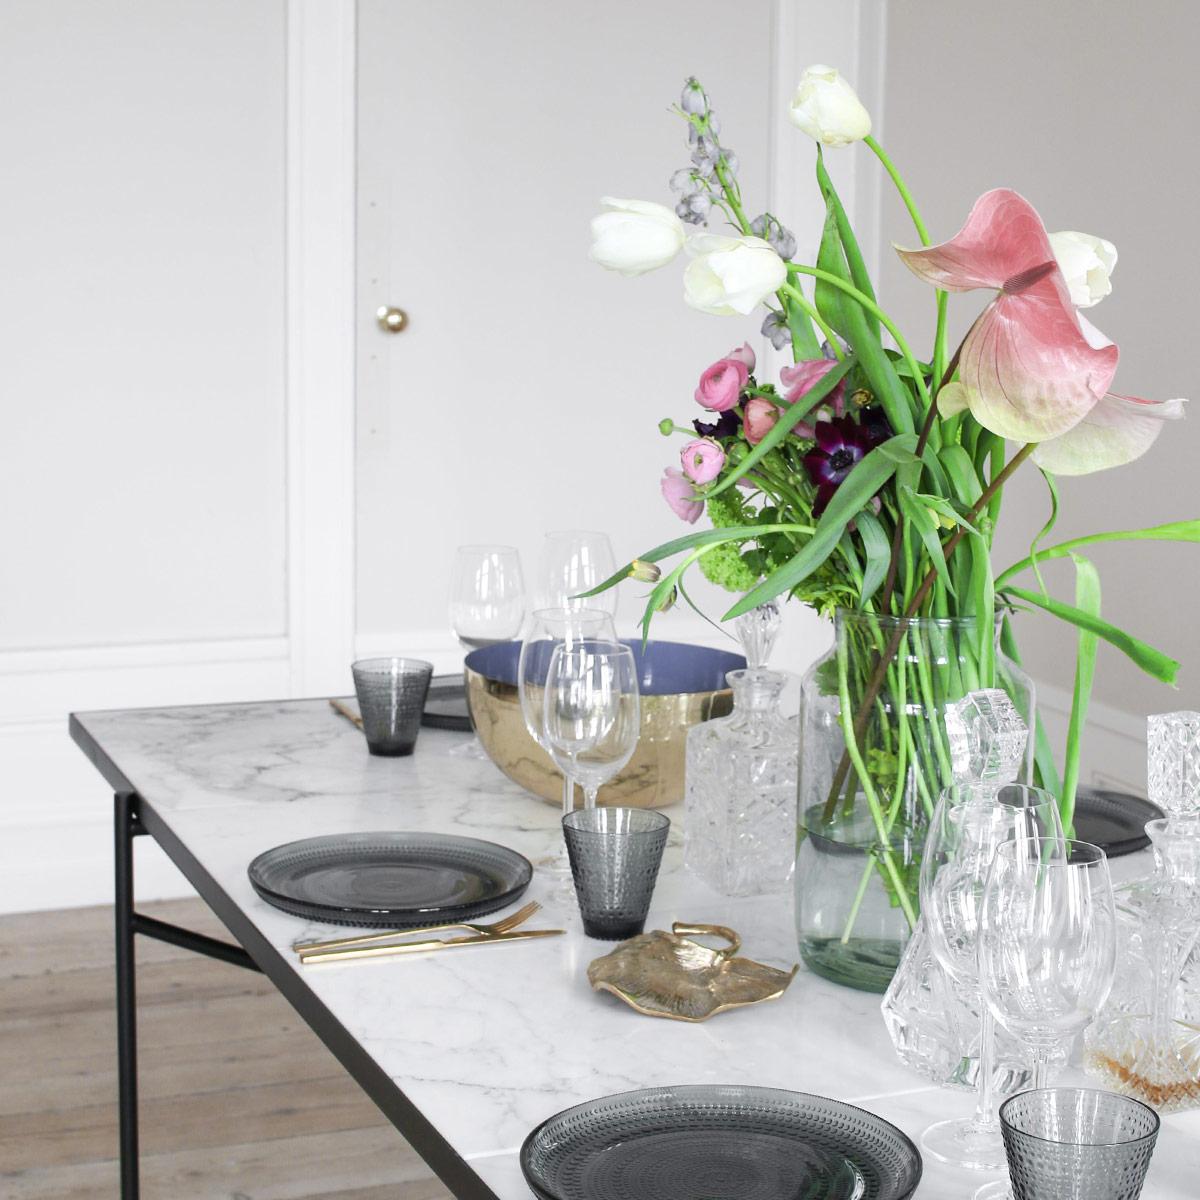 Dining Table fra Handvärk